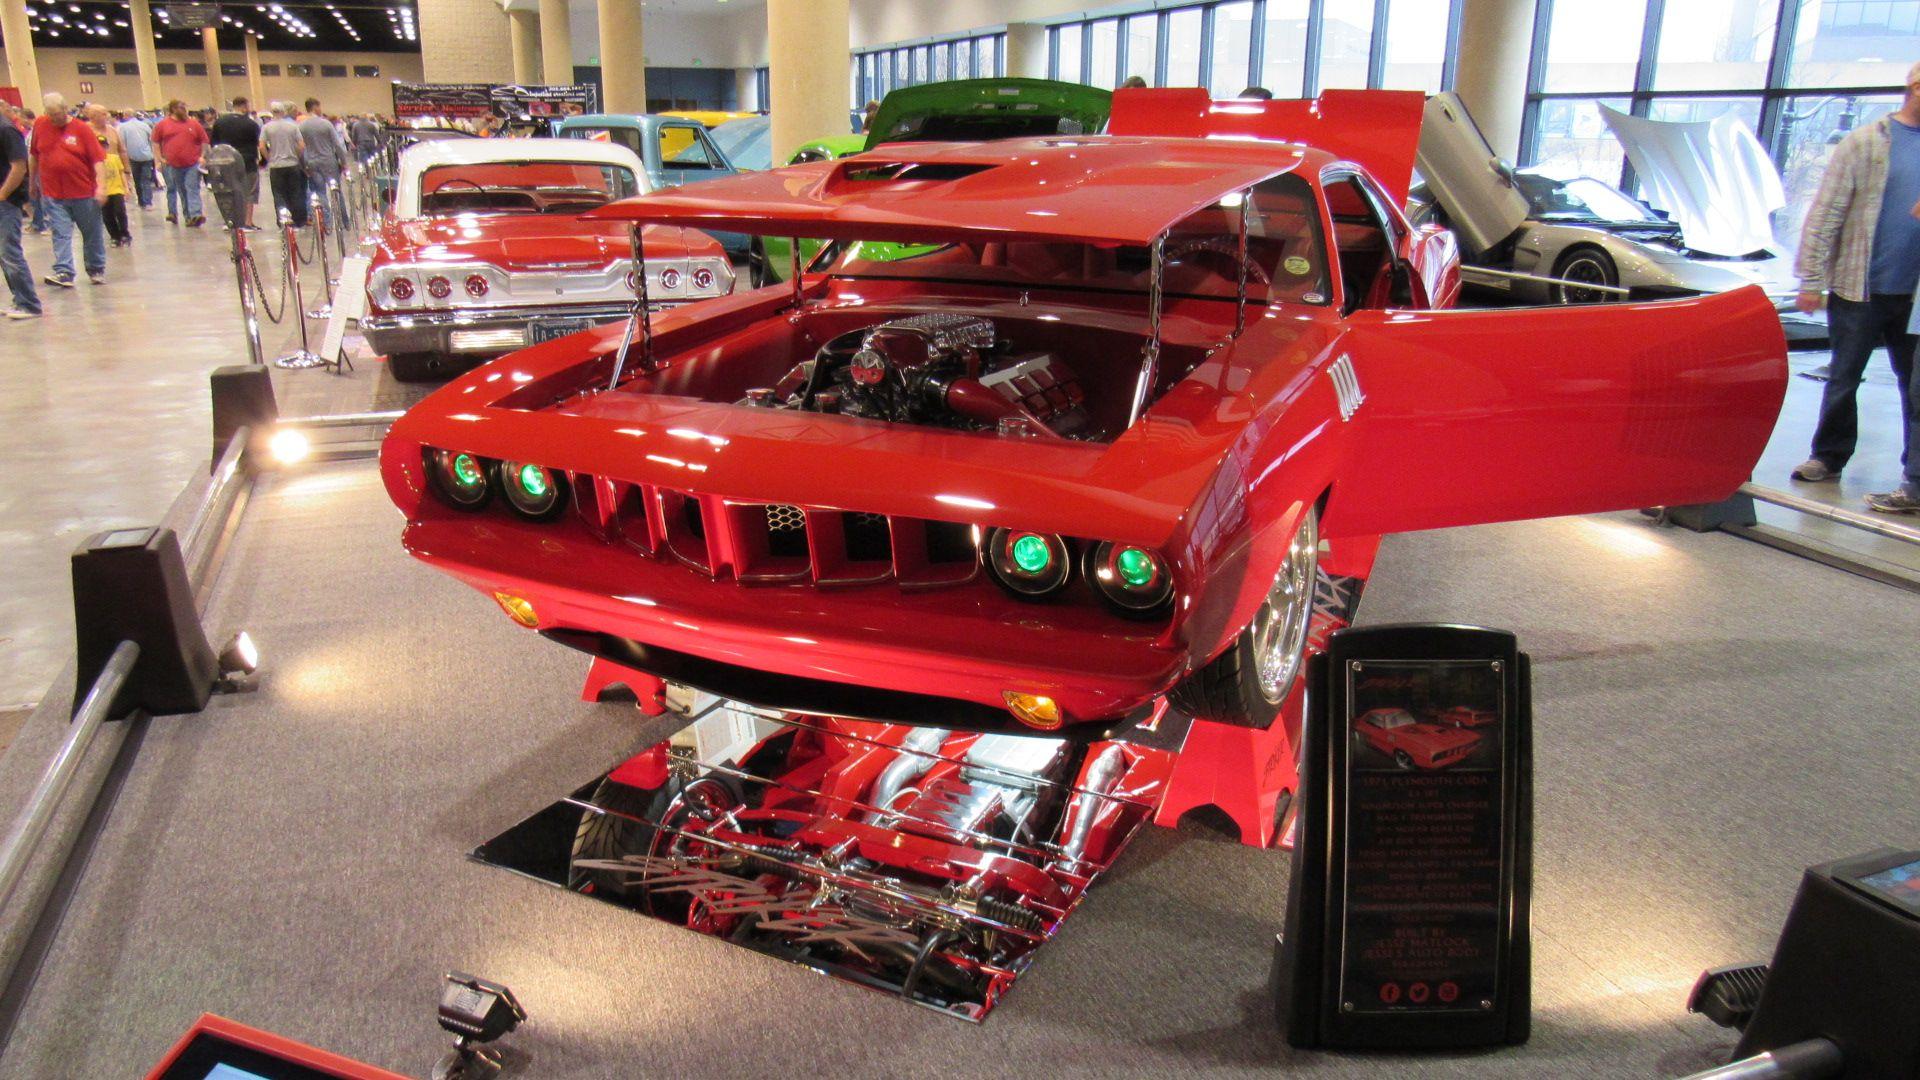 Striker Cuda World Of Wheels Birmingham AL - Car show birmingham al